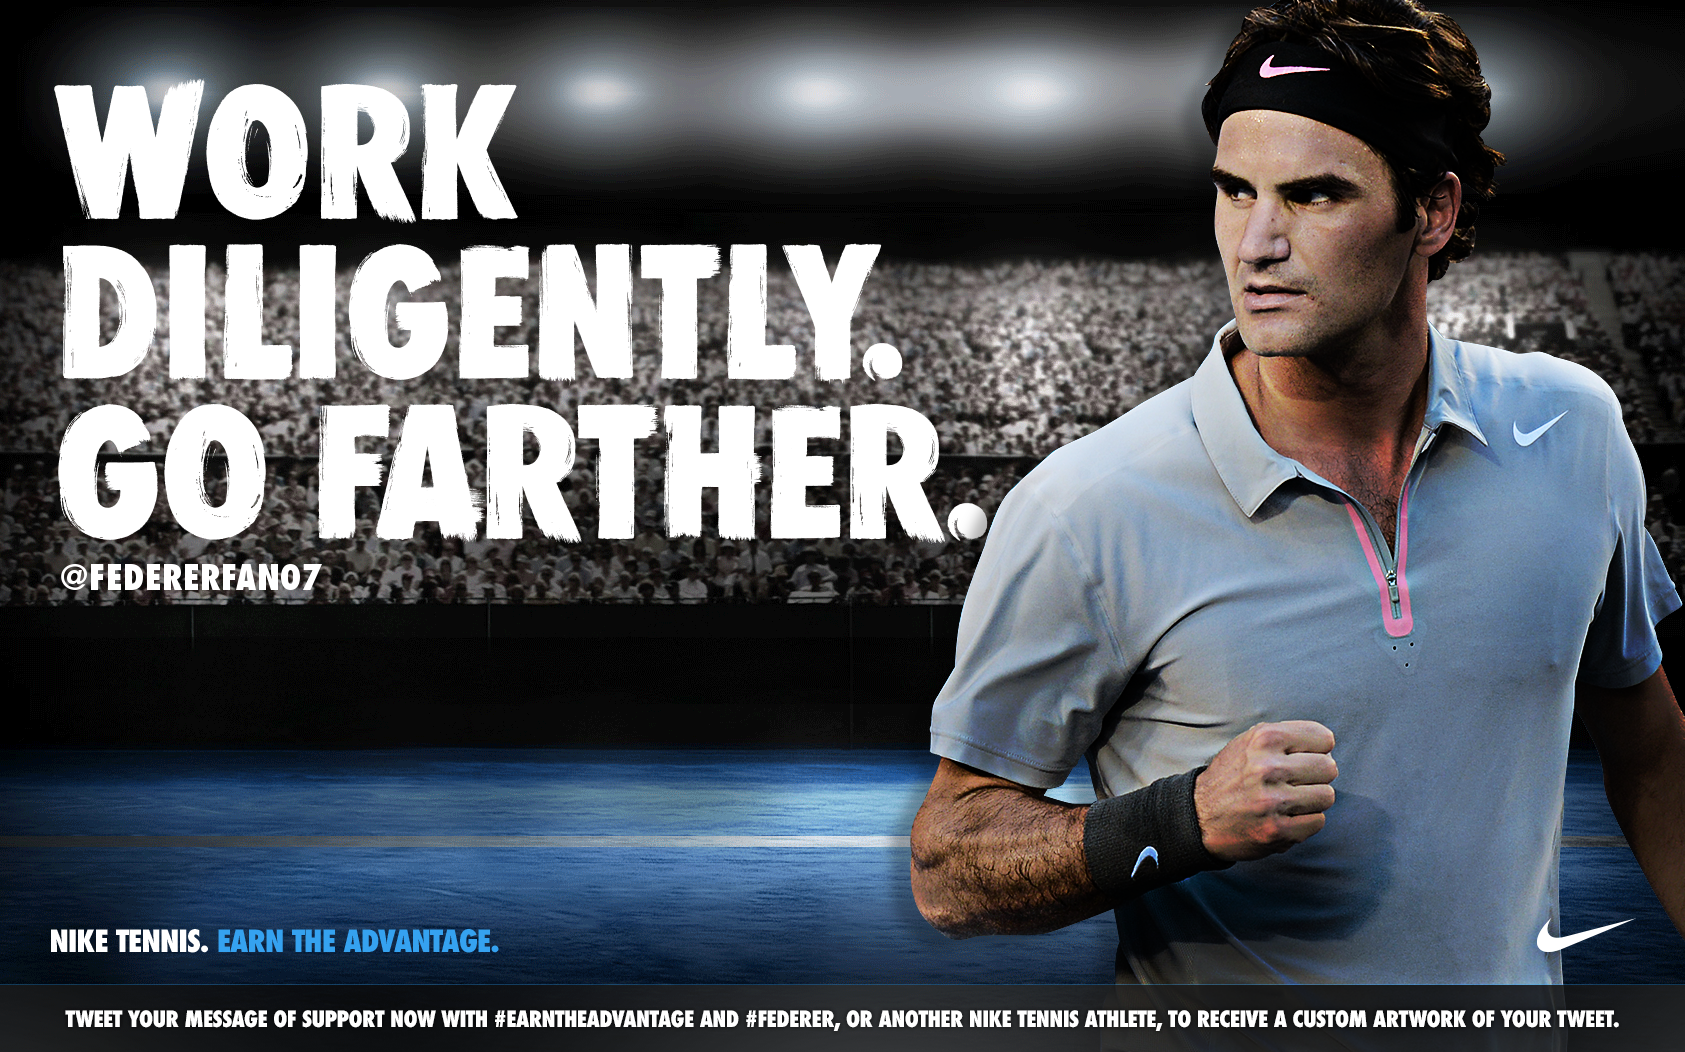 Tennis_RogerFederer-FEDERERFAN07-4